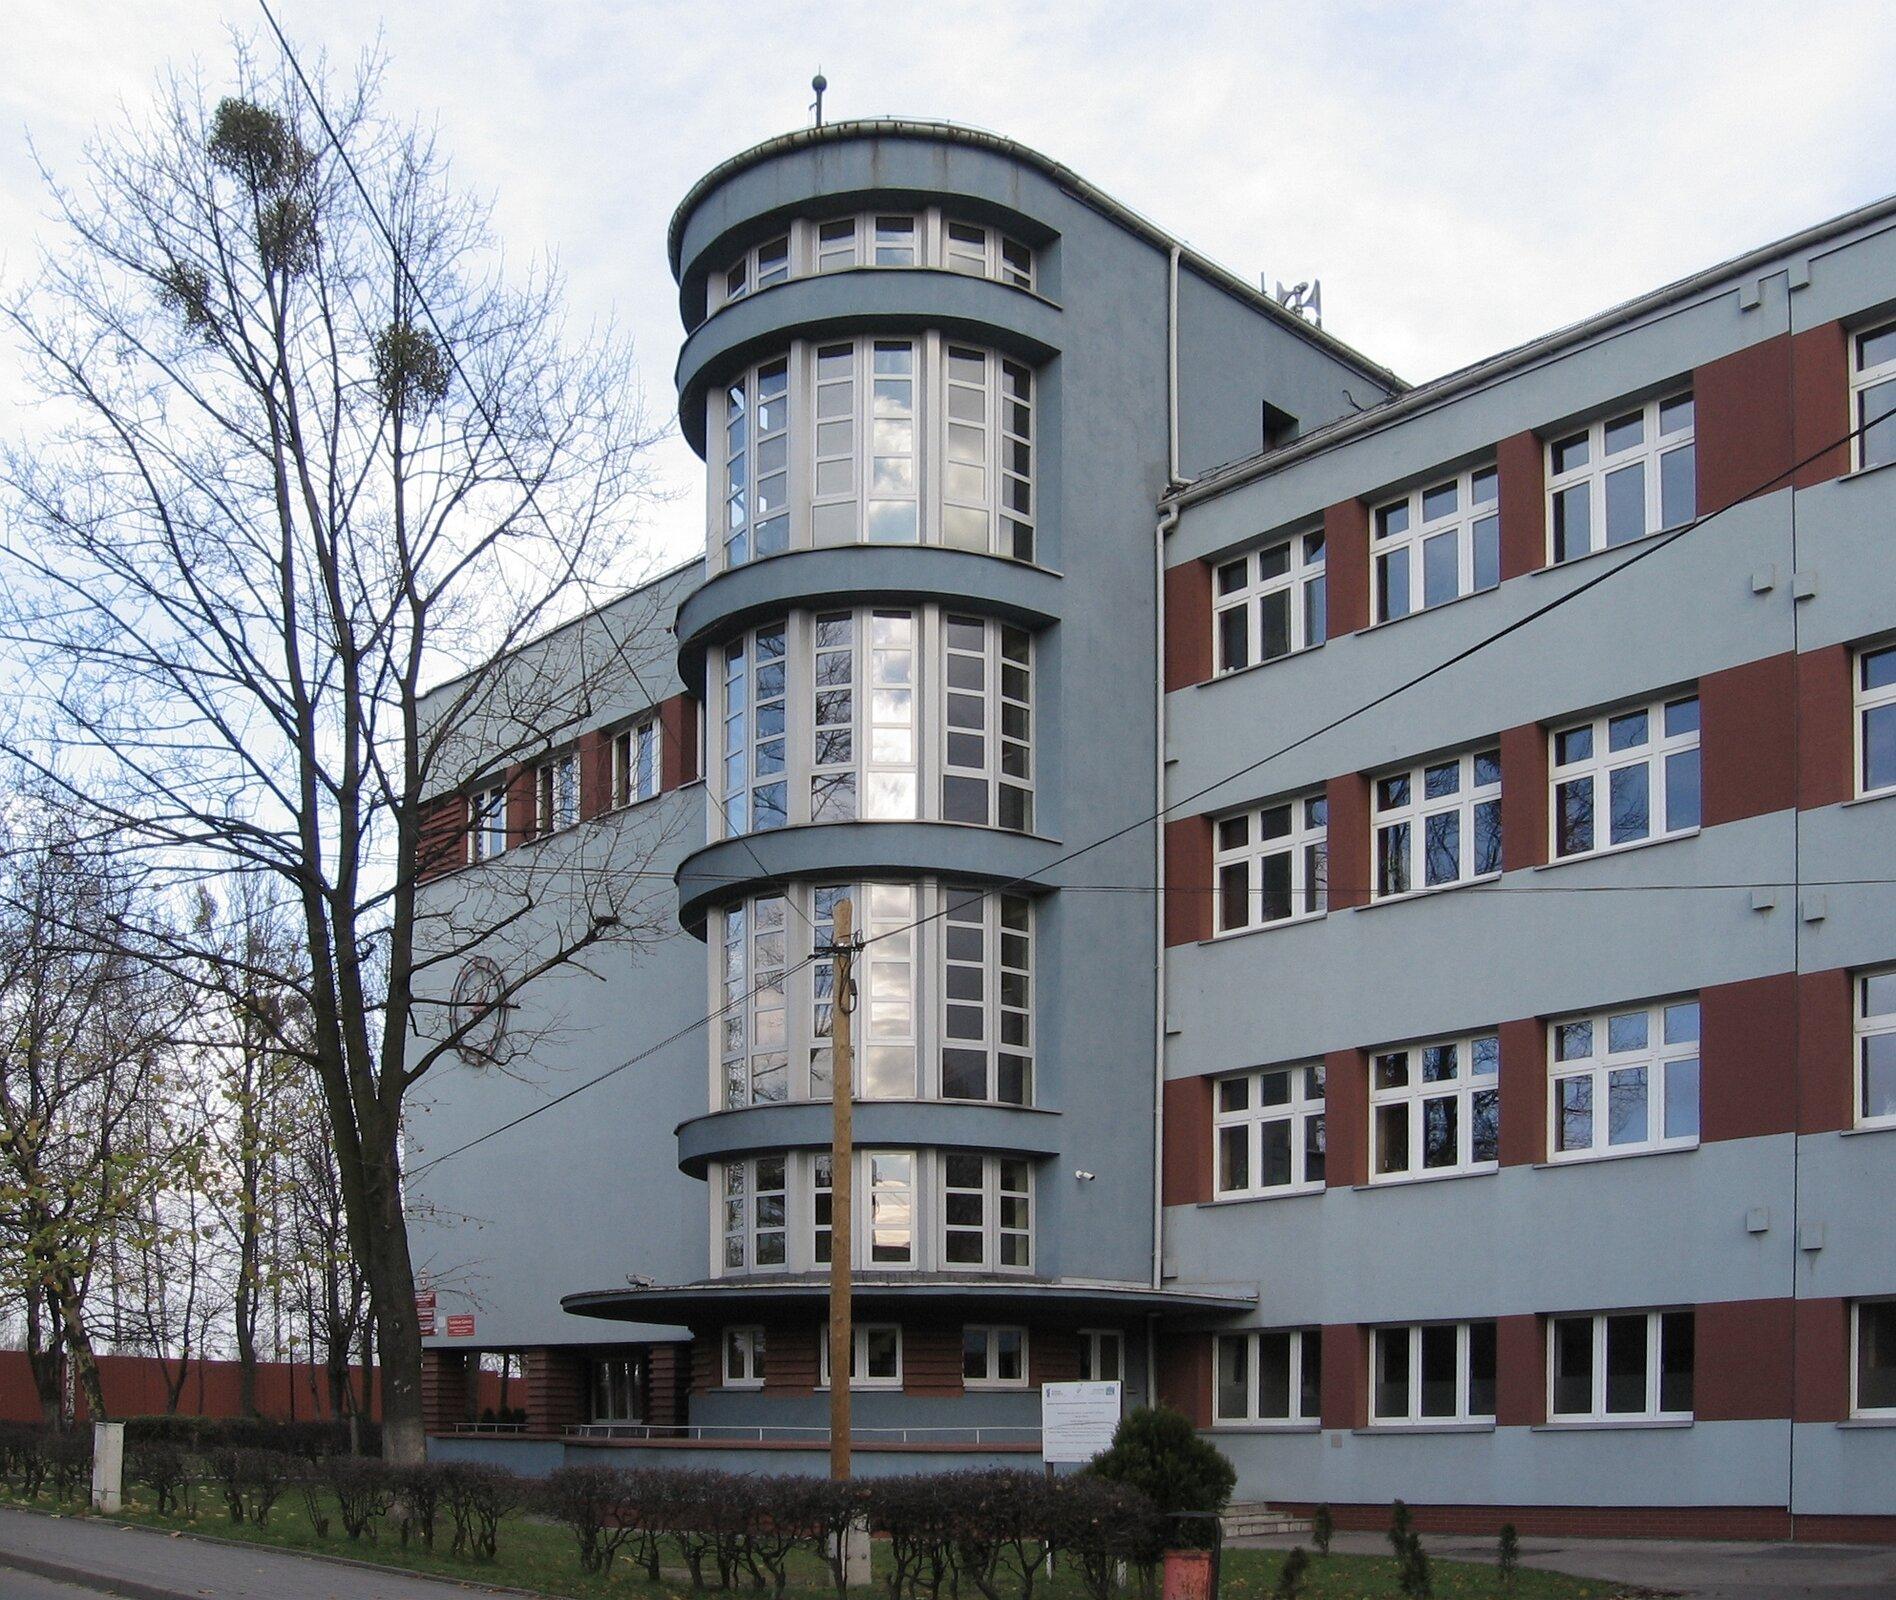 Ilustracja przedstawia budynek szkoły wPiekarach Śląskich-Szarleju. Na zdjęciu ukazana jest frontalna część prostej budowli, wktórej sześcienną formę została wpisana półokrągła, oszklona, pięciokondygnacyjna bryła, wysuwająca się zfasady. Elewacja szkoły pomalowana jest na szaro, płaszczyzny pomiędzy oknami na brązowo. Budynek stoi pośród drzew.